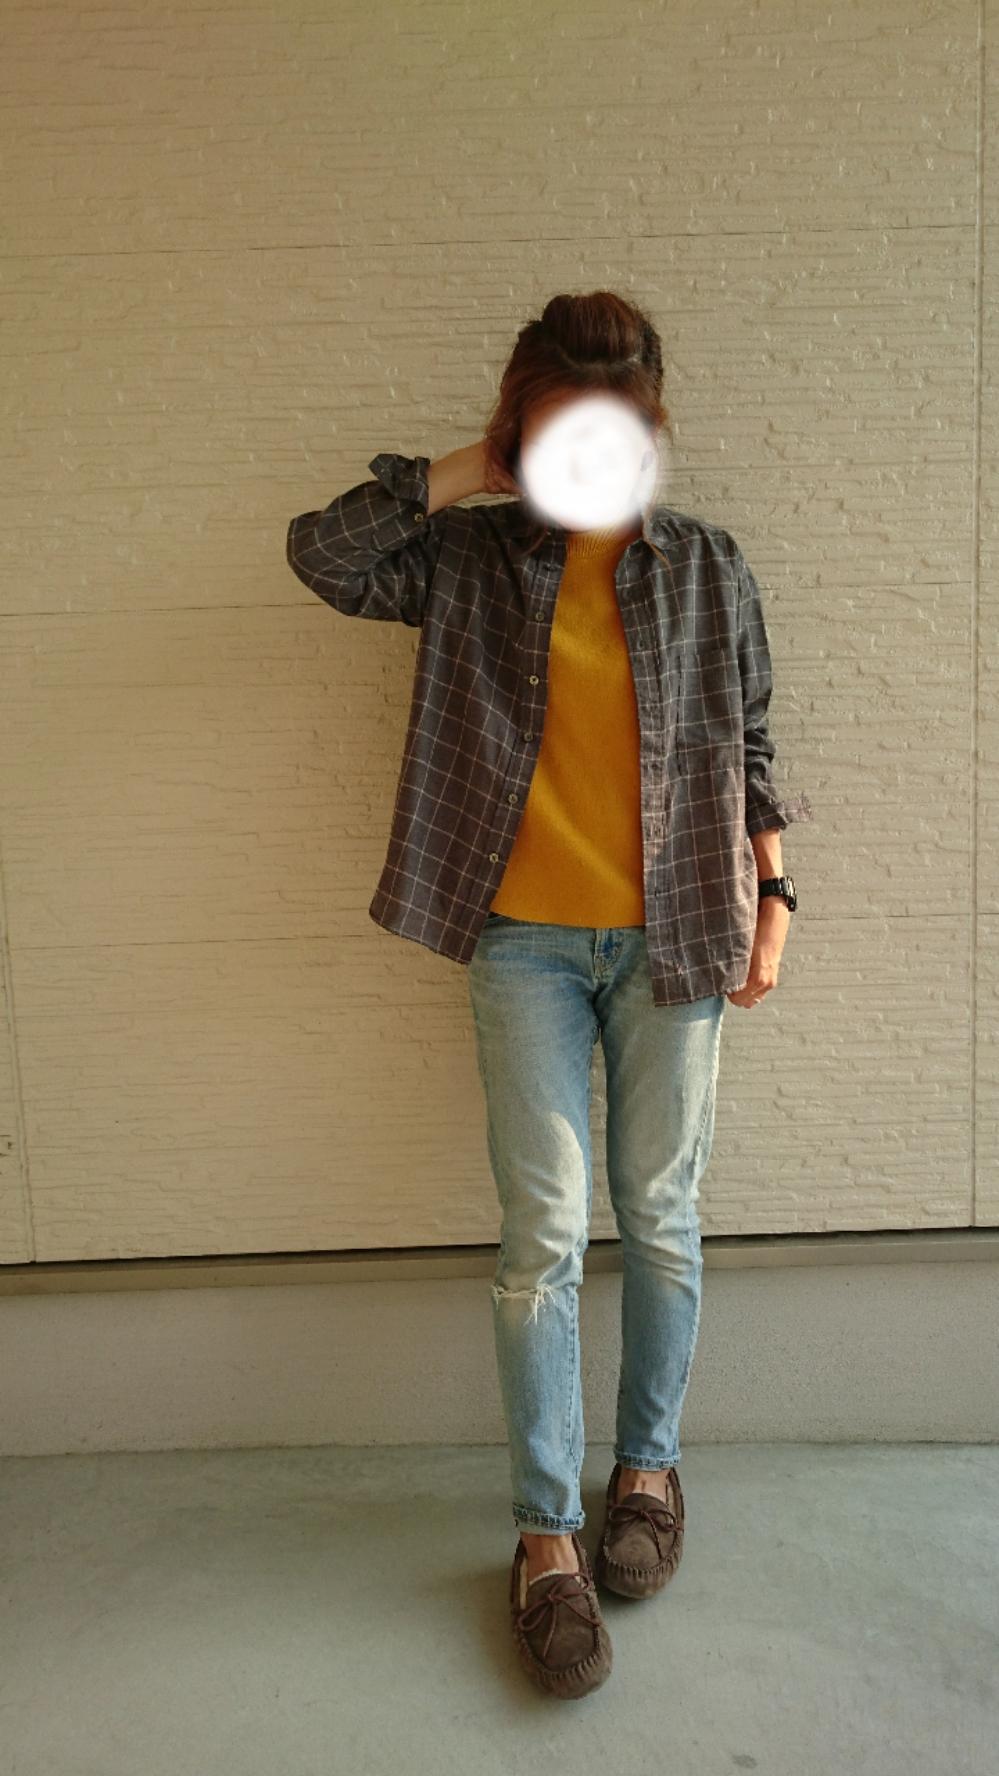 rakugaki_20171012125642066.jpg